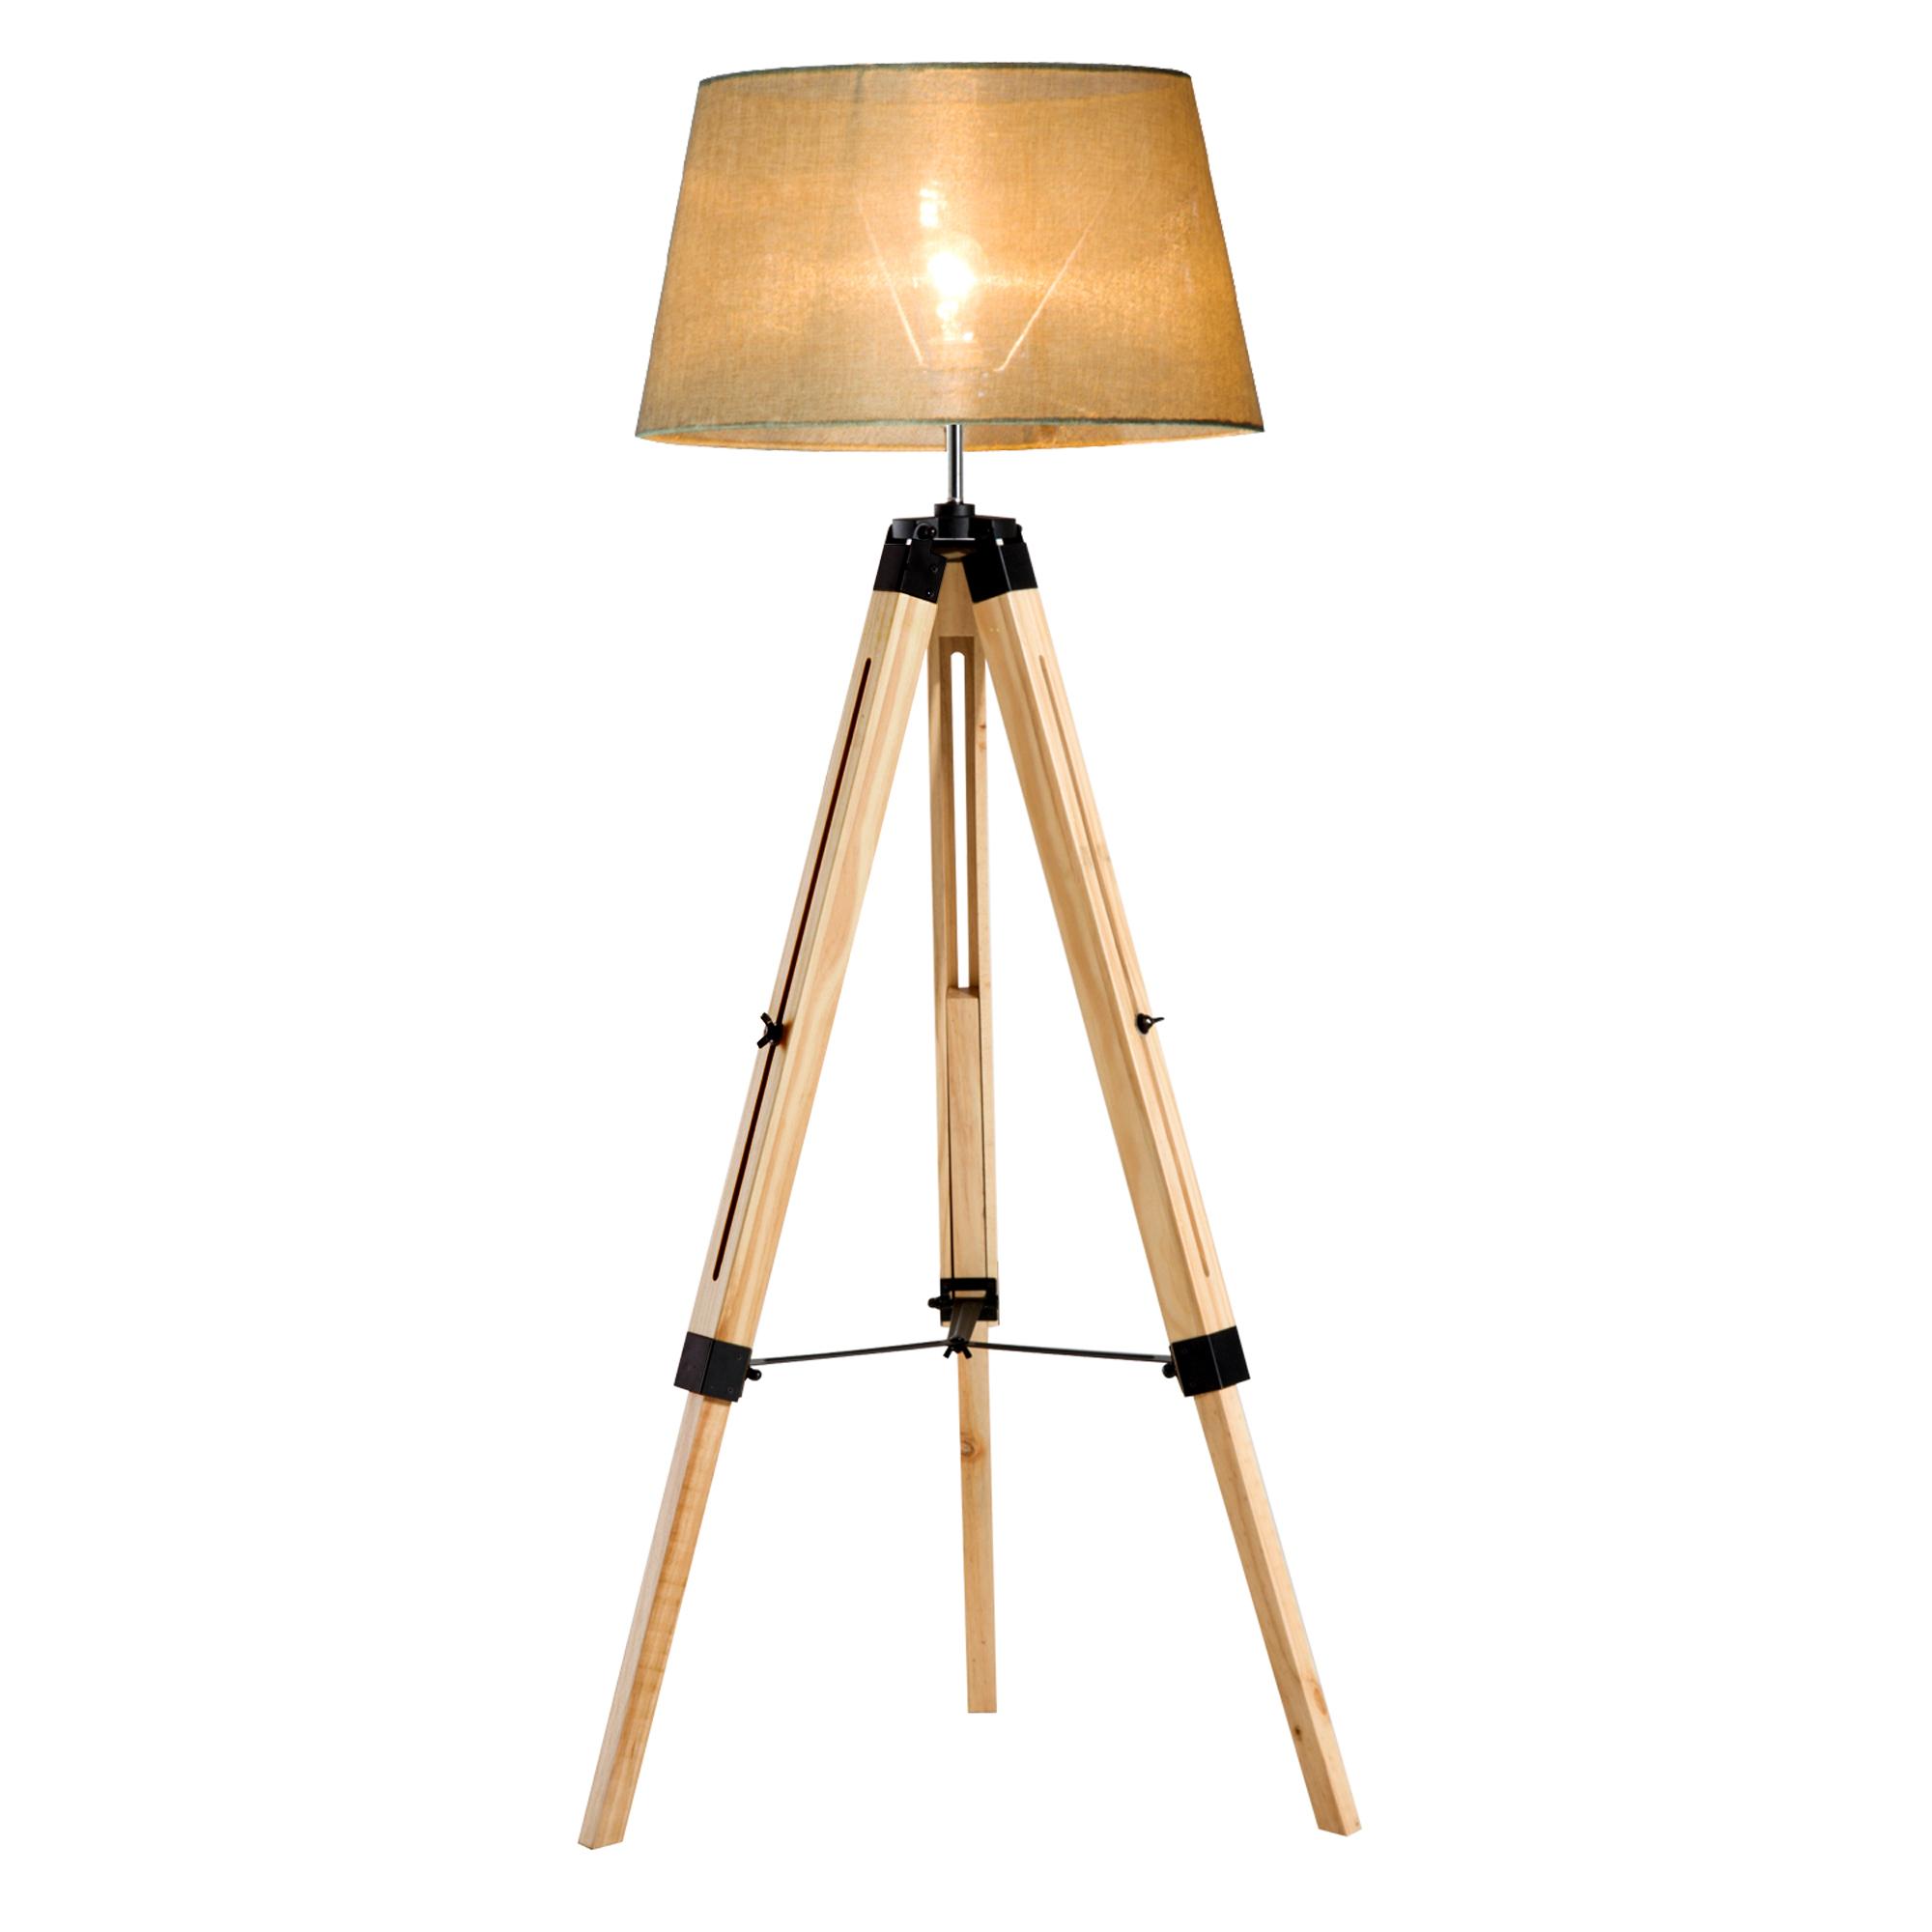 Lampadaire trépied en bois hauteur réglable 99-143 cm beige